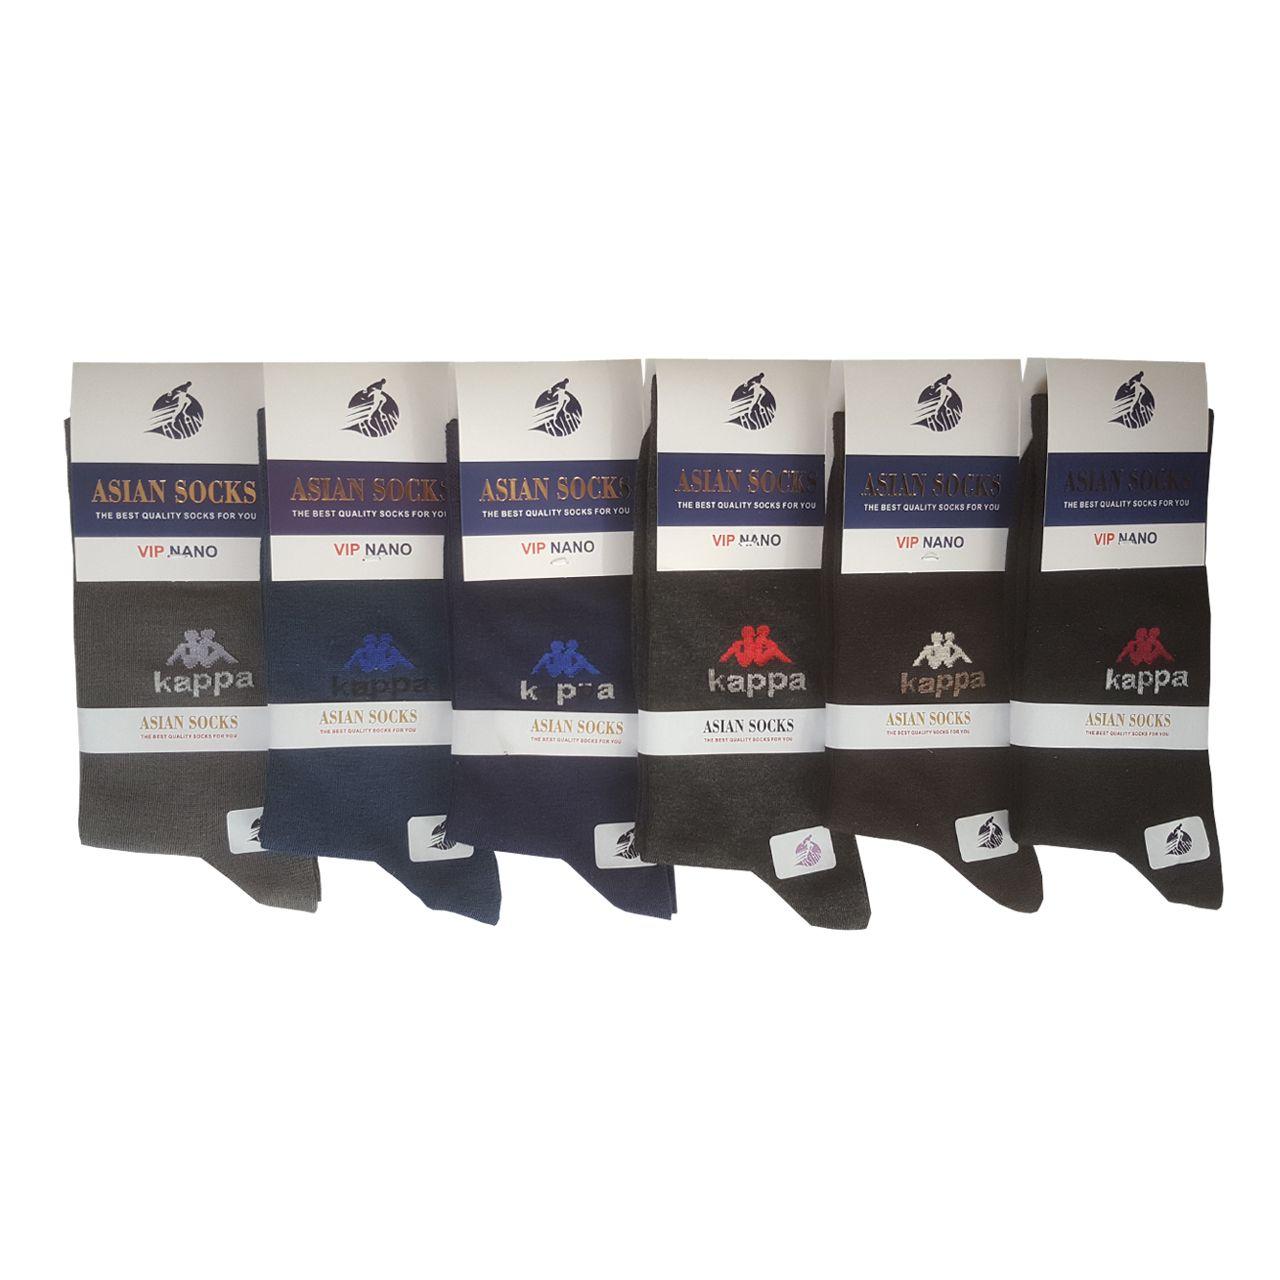 جوراب مردانه آسیان ساکس کد PH321 مجموعه 12 عددی -  - 4